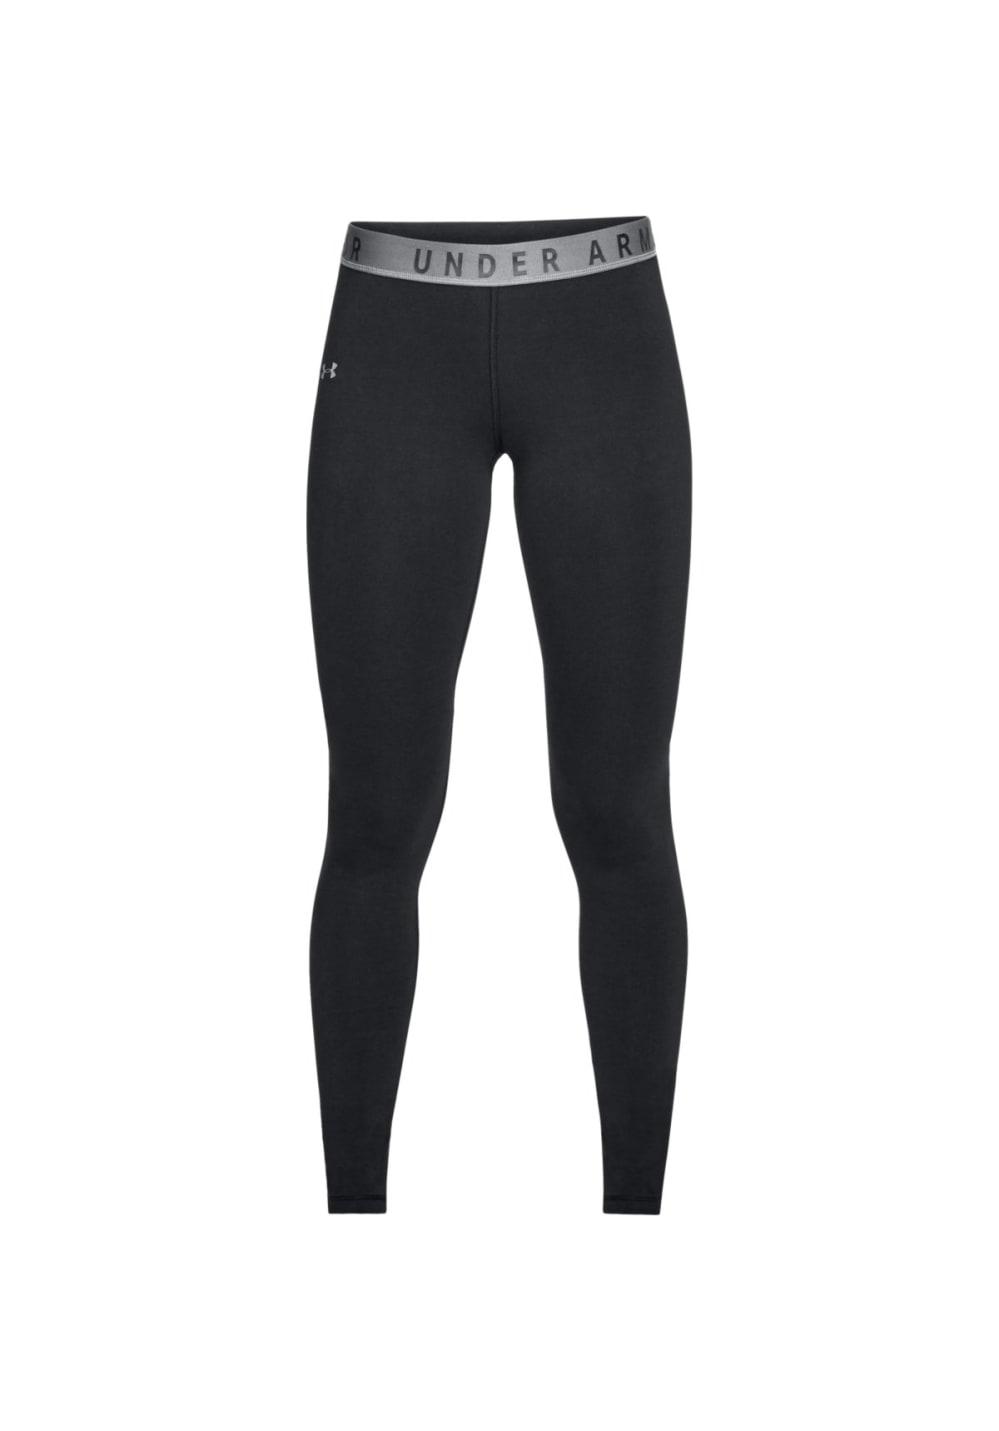 Sportmode für Frauen - Under Armour Favorites Legging Laufhosen für Damen Schwarz  - Onlineshop 21Run